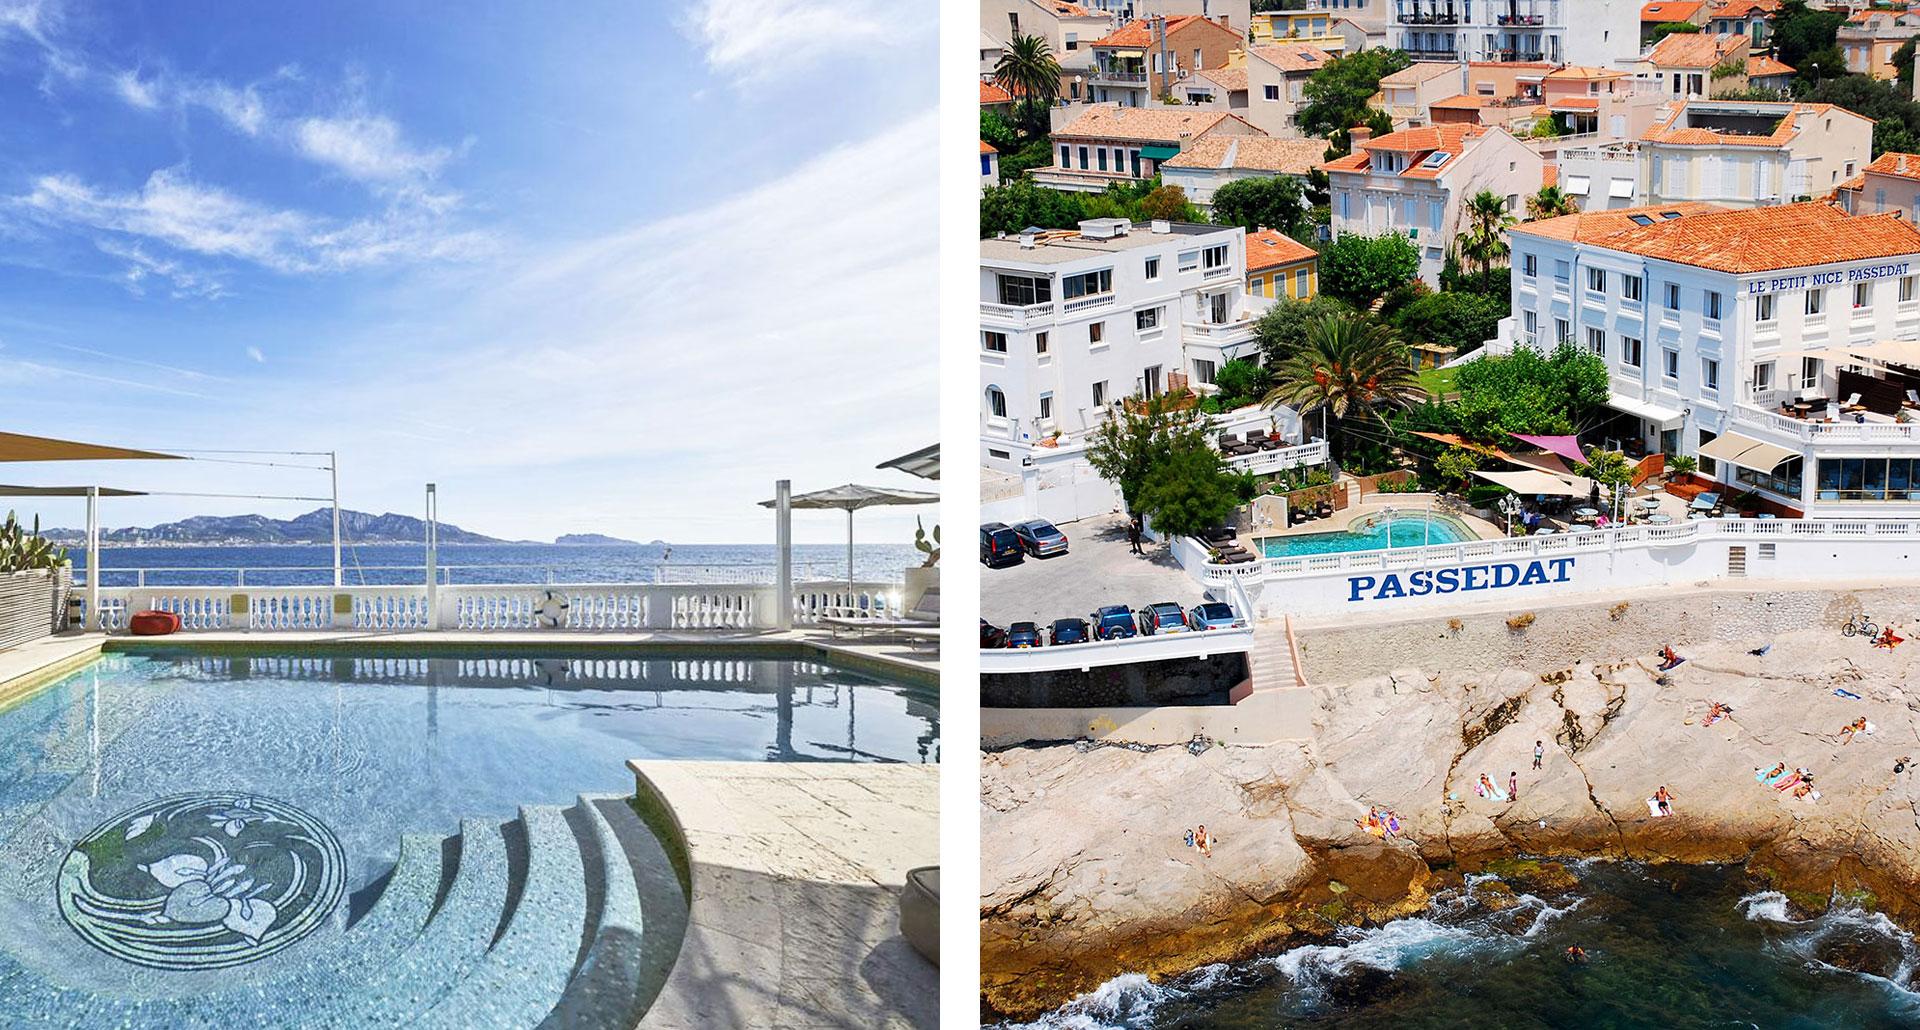 Le Petit Nice Passedat - boutique hotel in Marseille